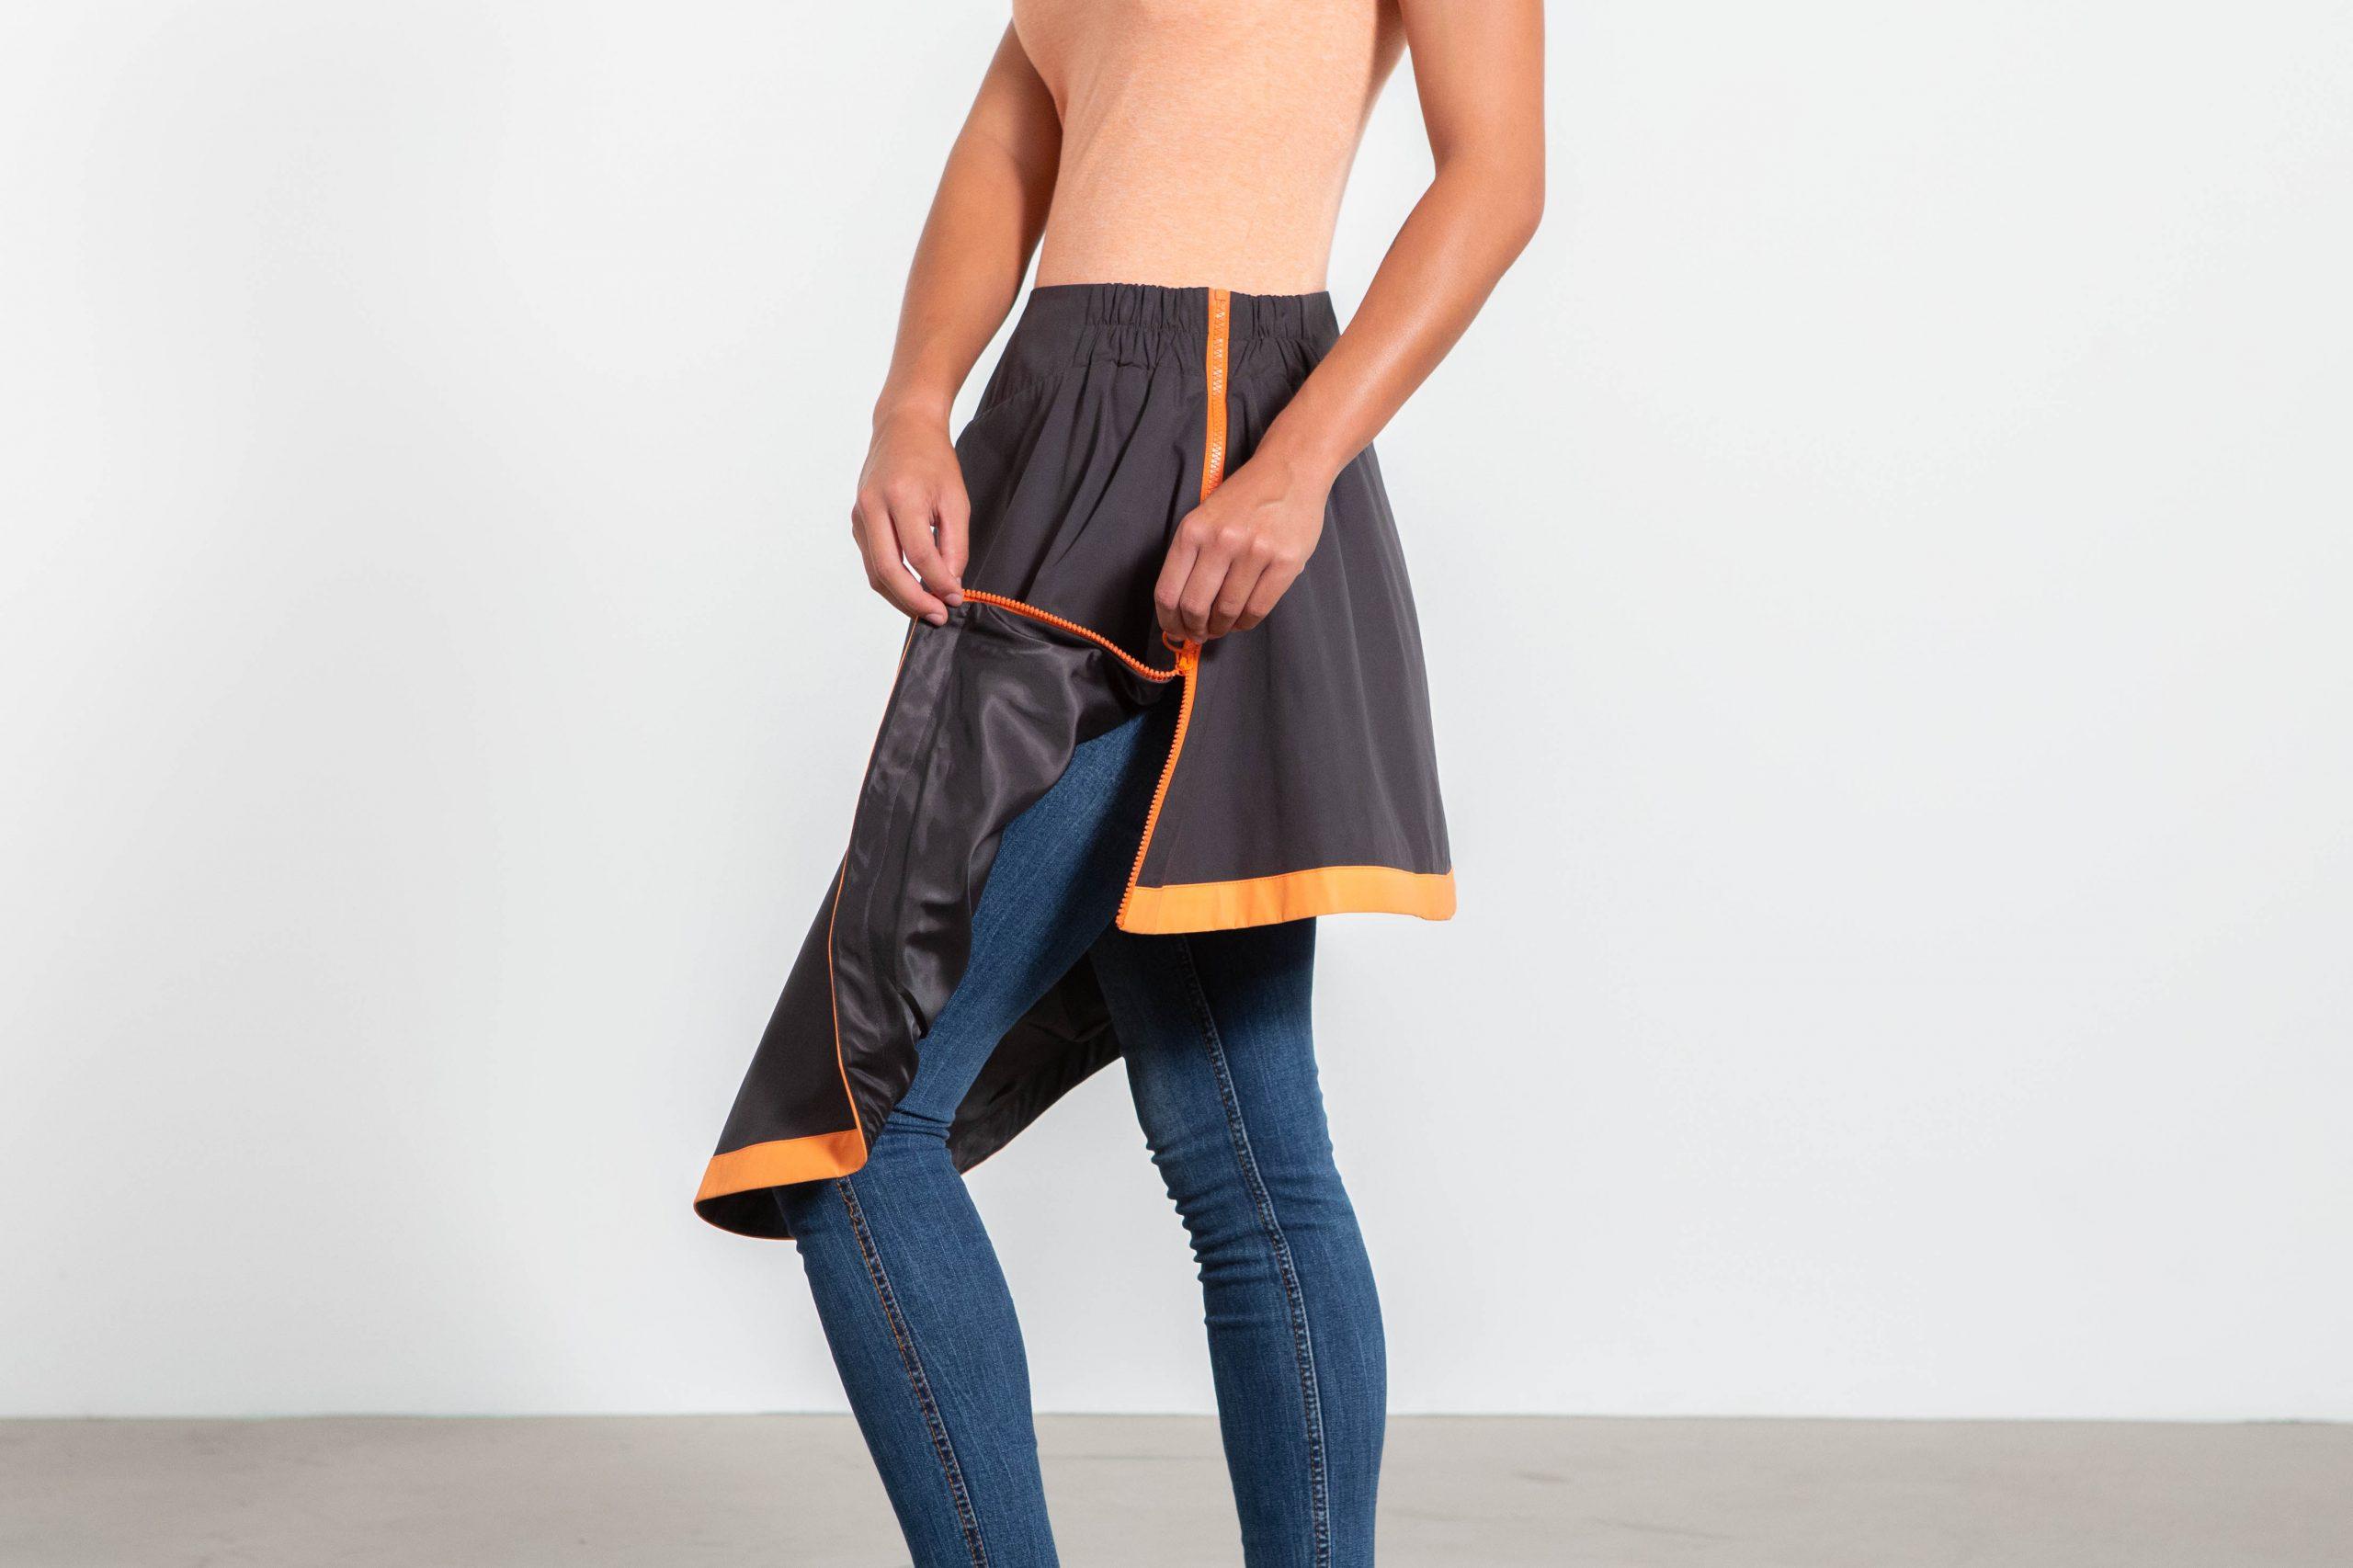 Sur-jupe clara noire cityrideuz pochette intérieure